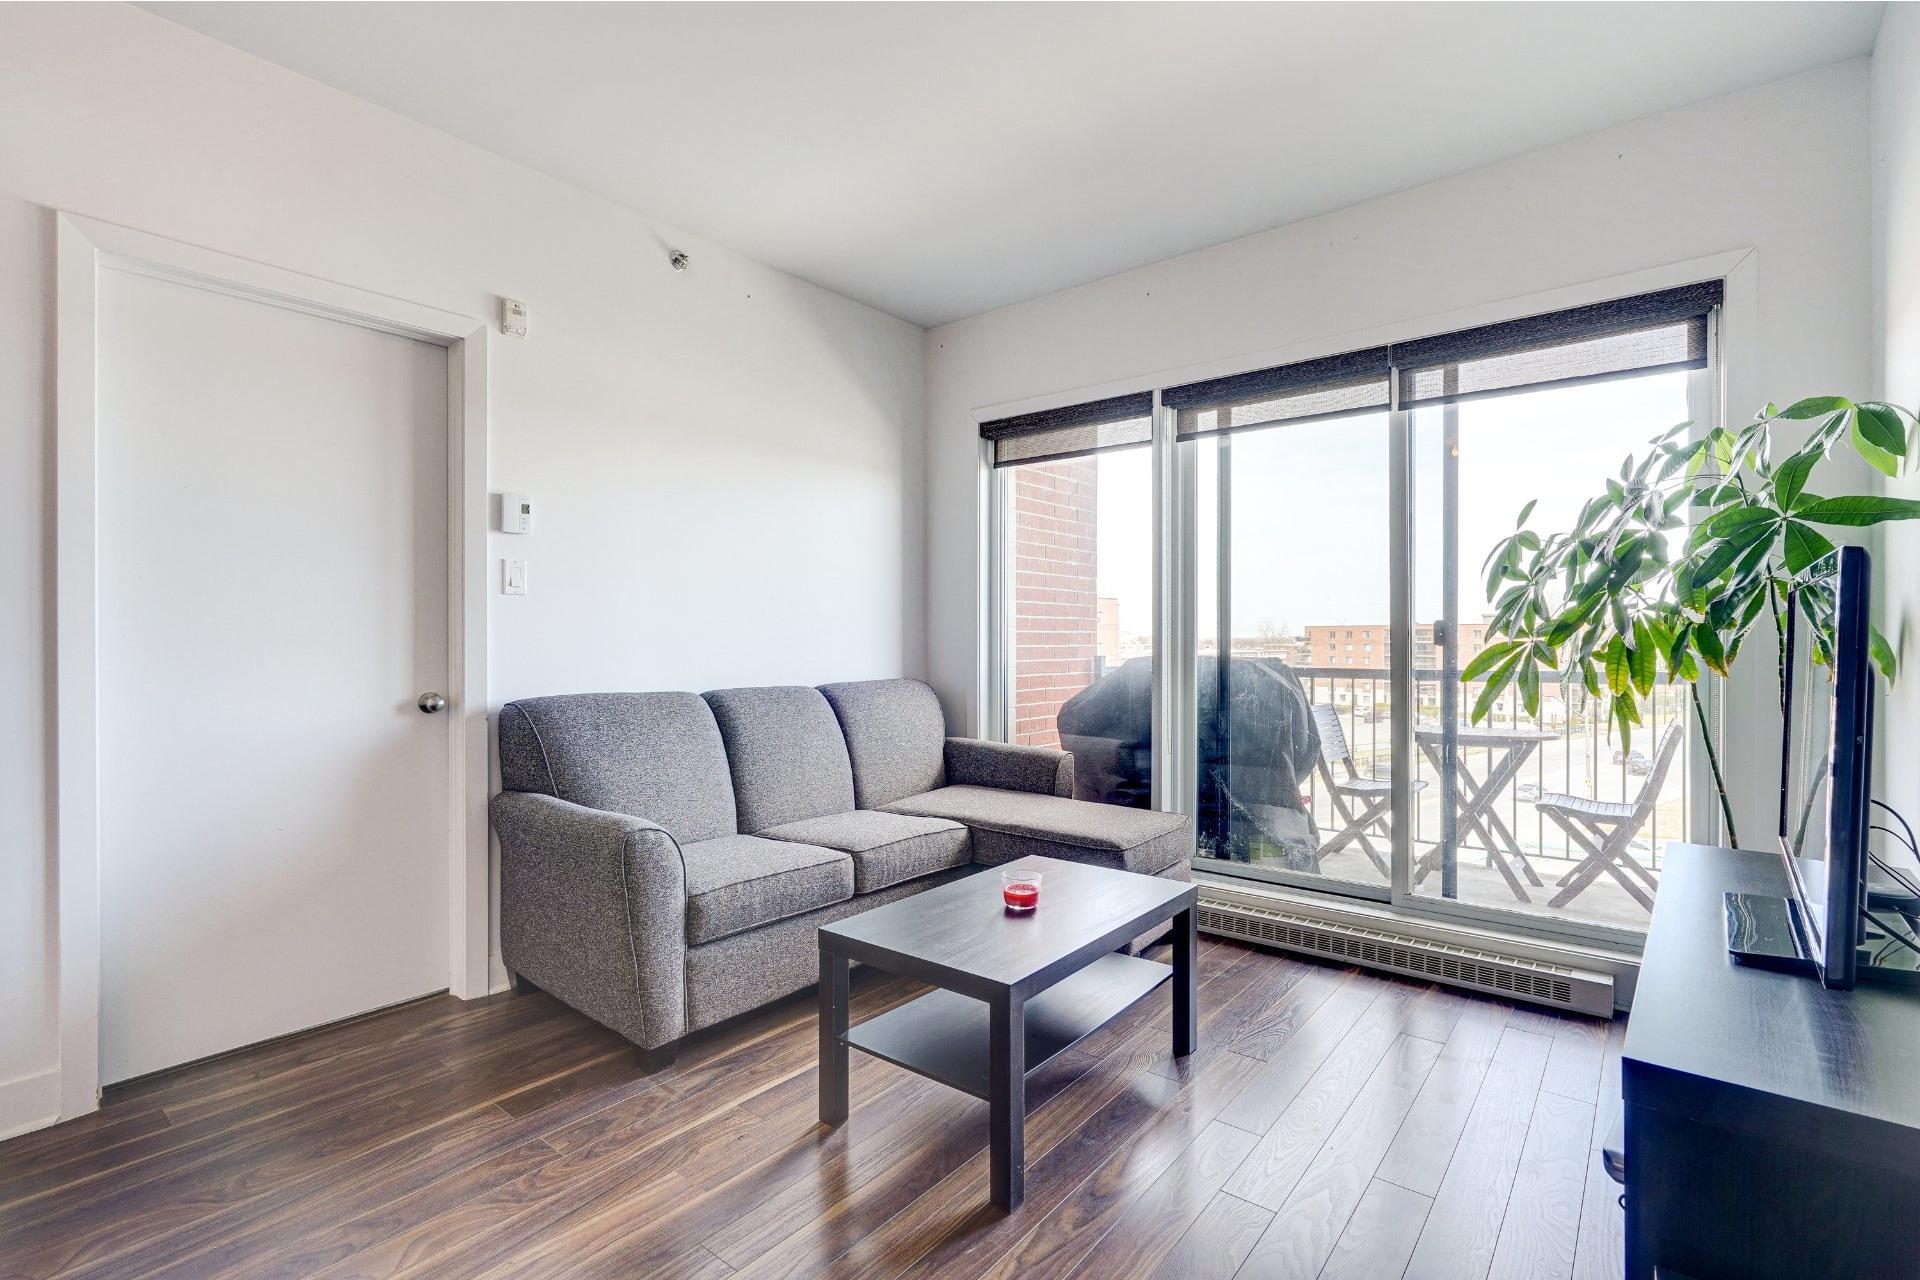 image 7 - Appartement À vendre Saint-Laurent Montréal  - 7 pièces